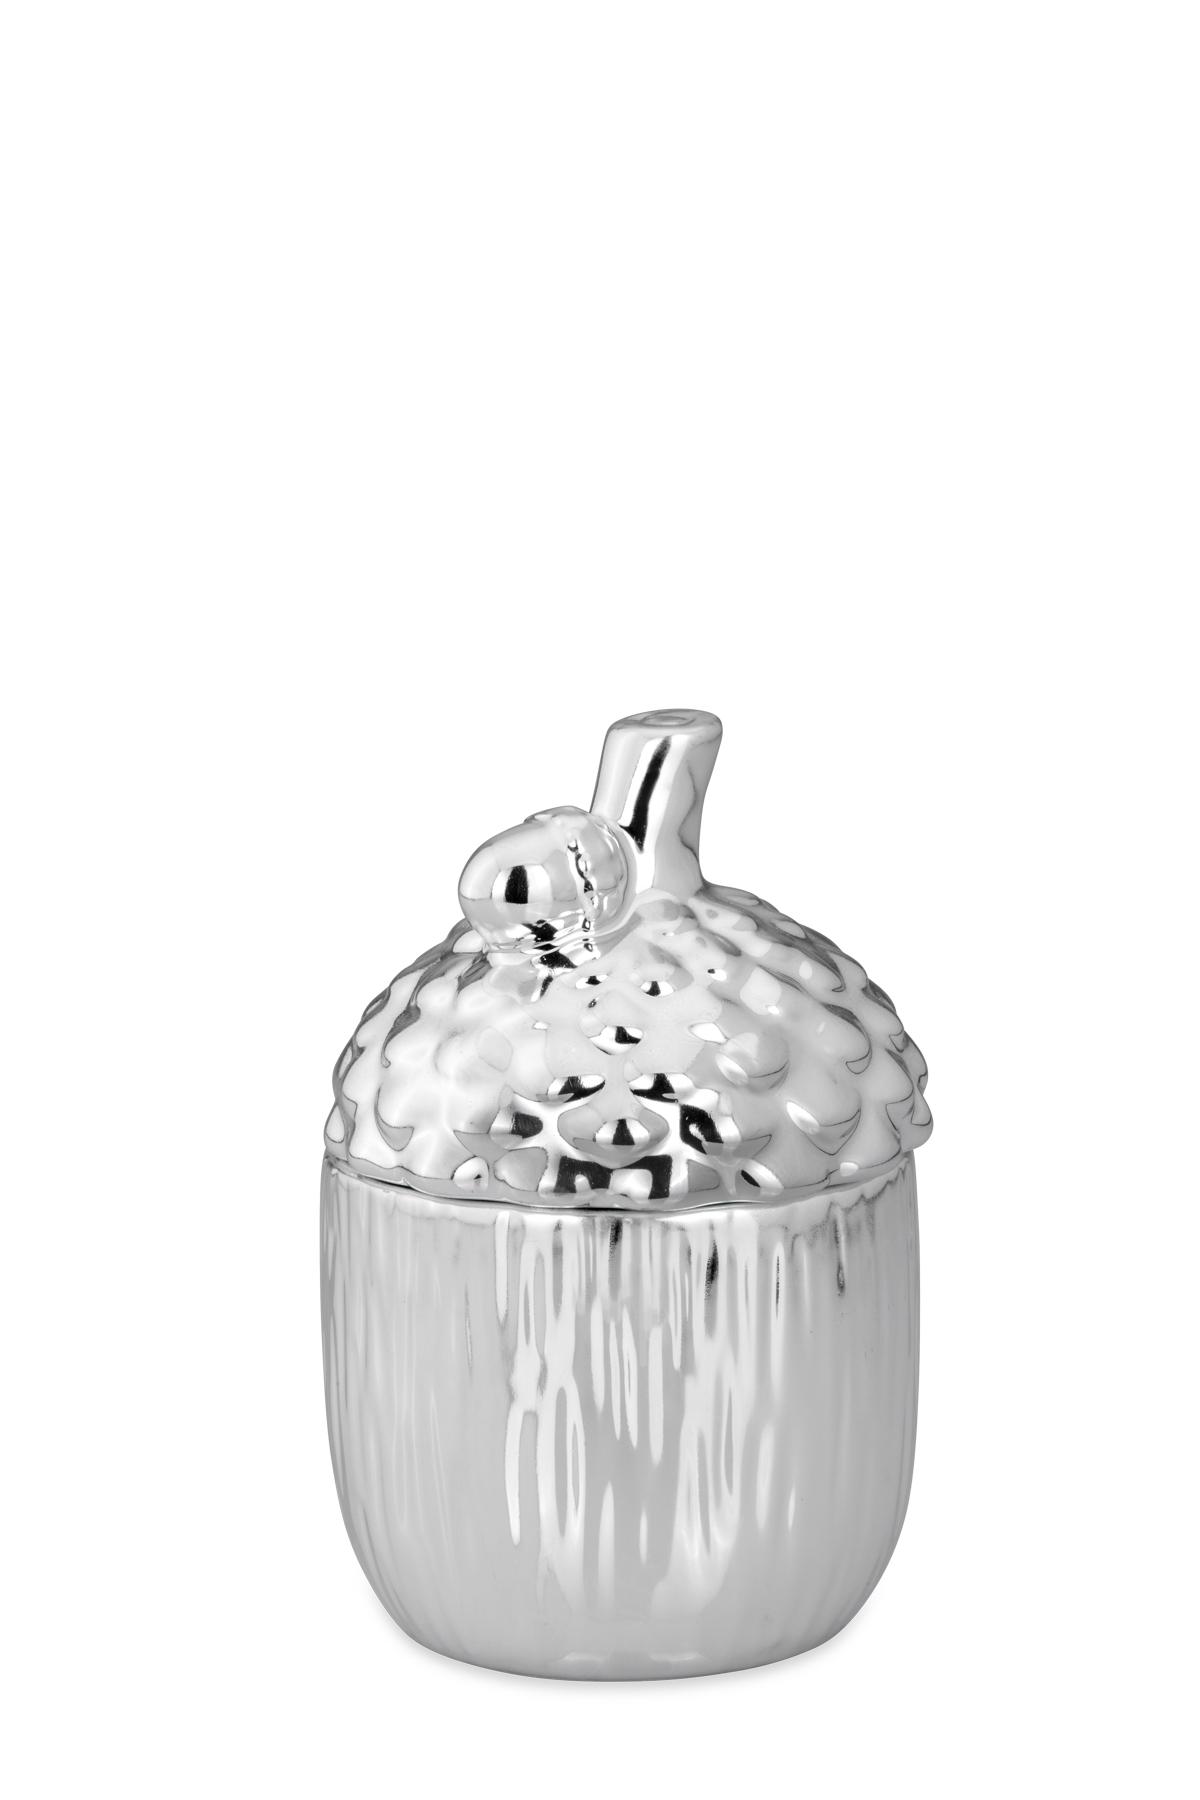 silberne Porzellan Dose mit Deckel Motiv Eichel 14 cm hoch